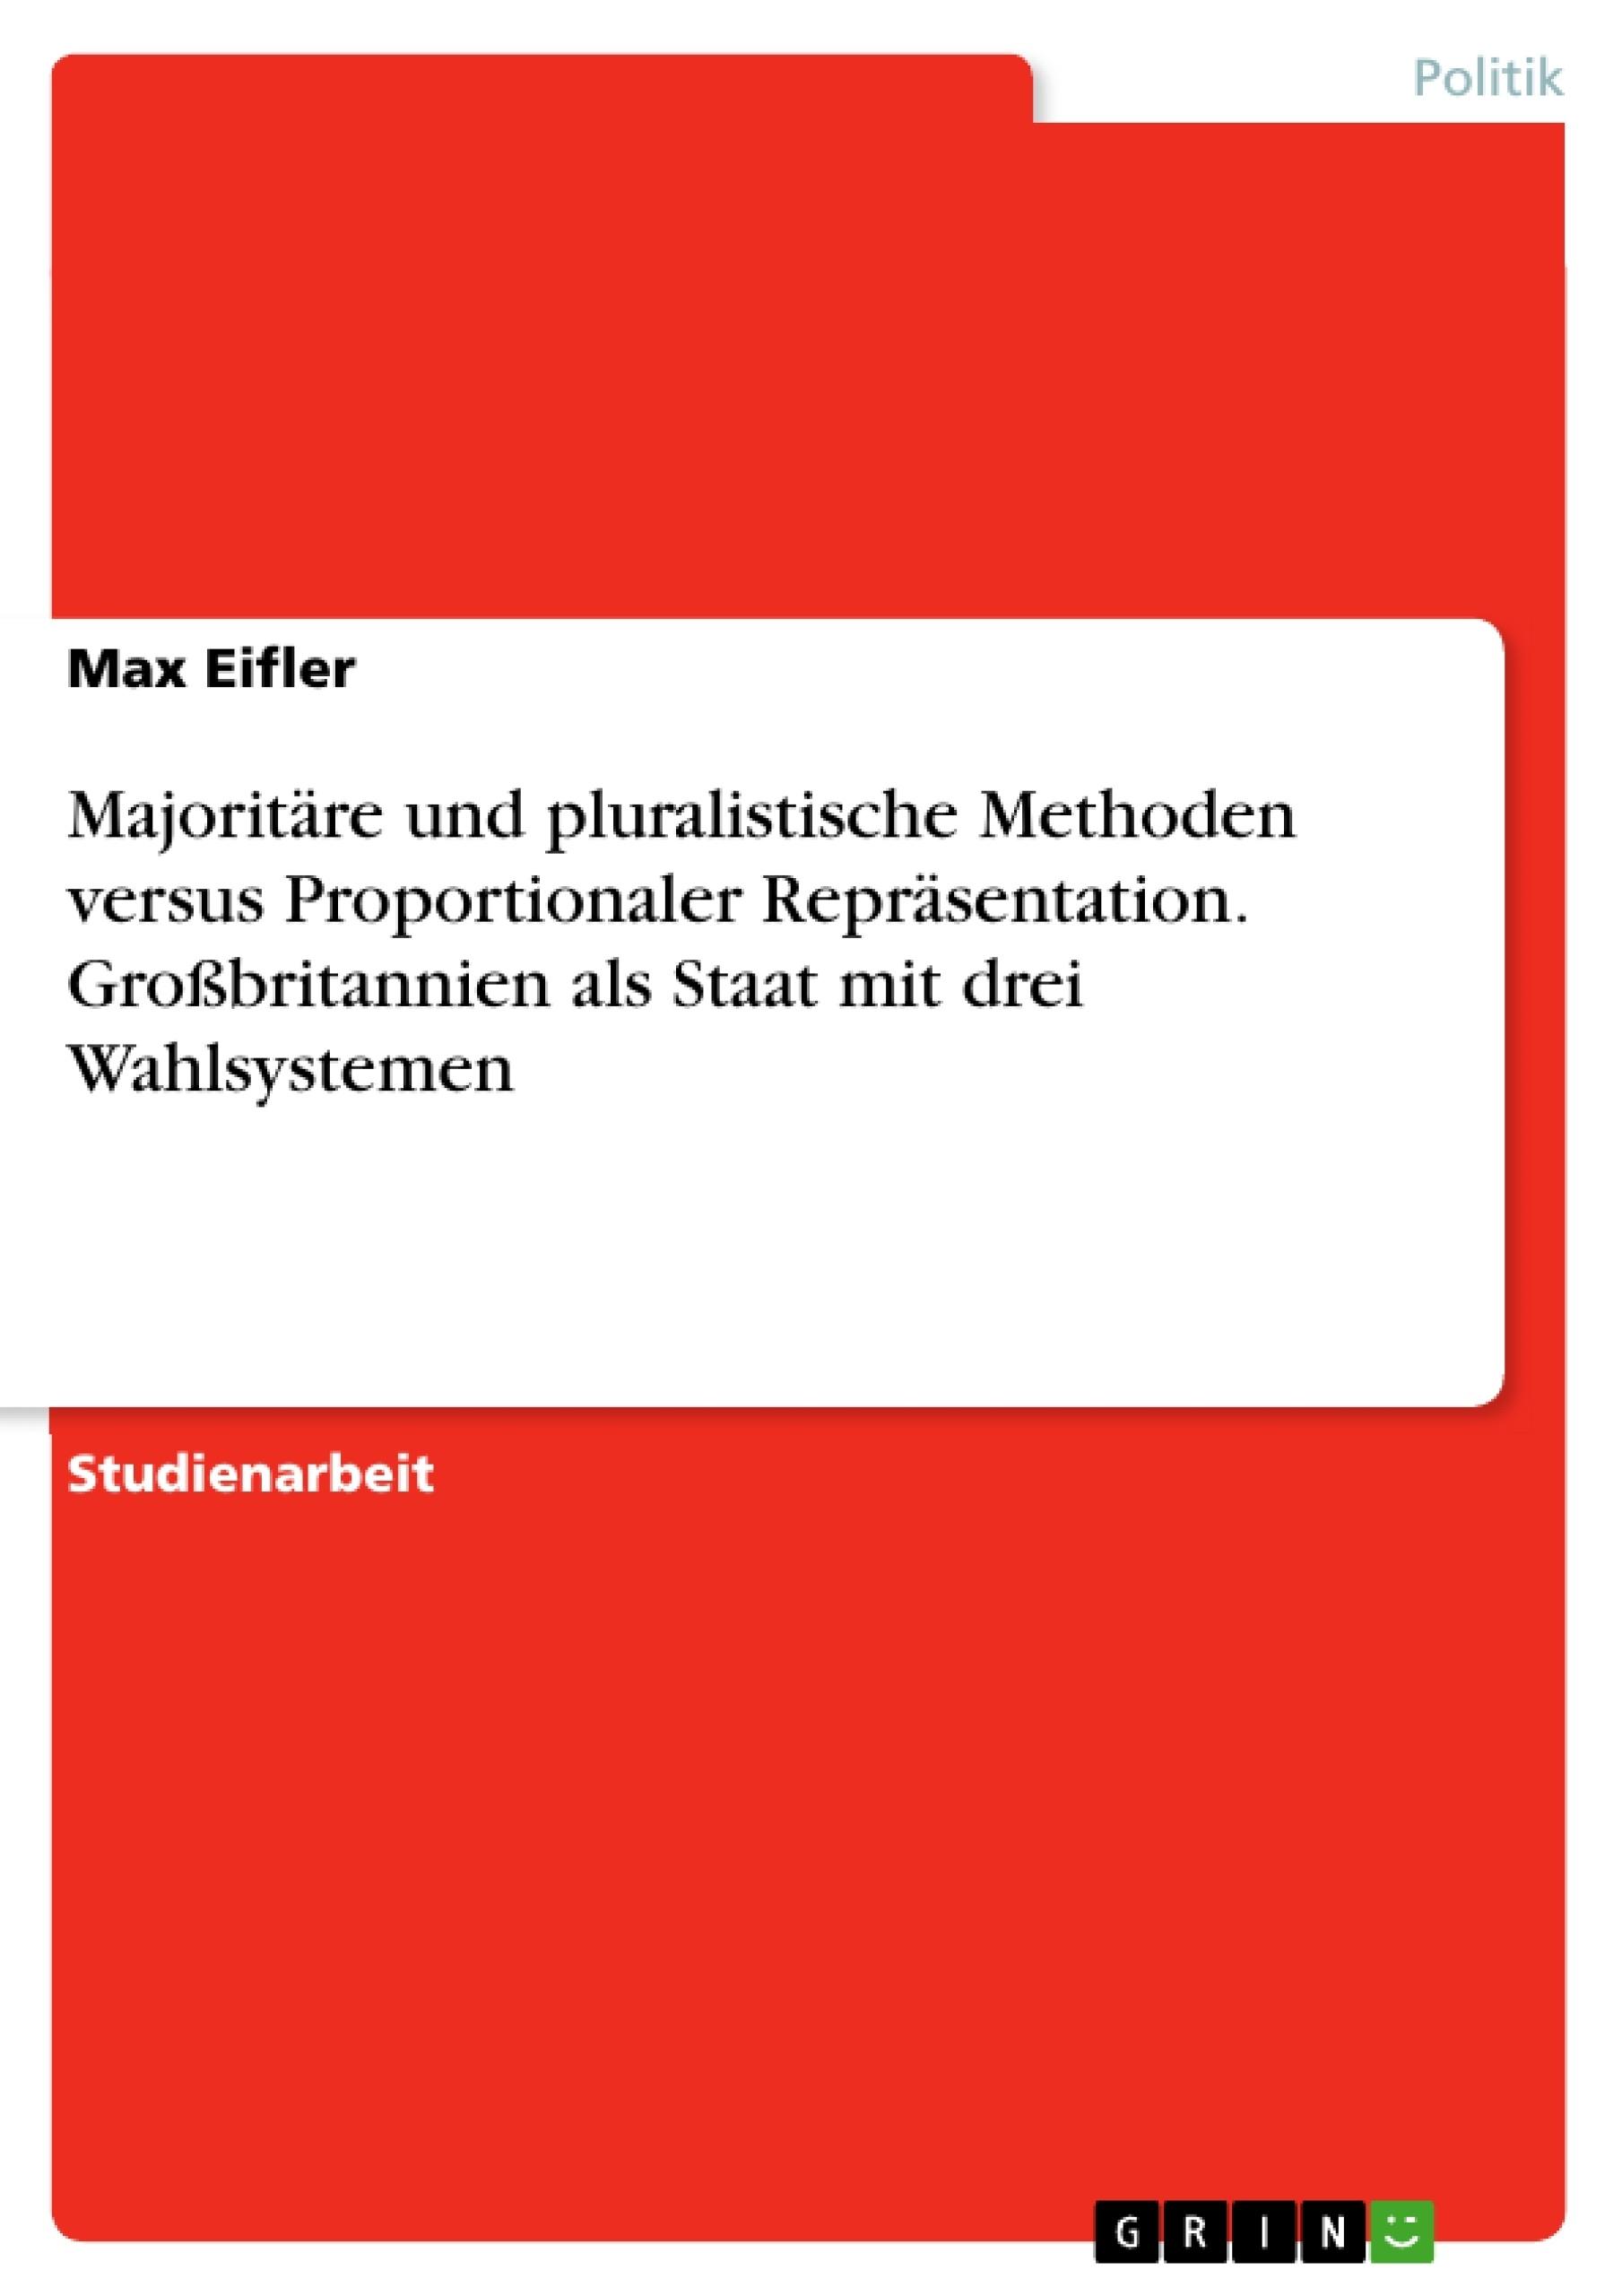 Titel: Majoritäre und pluralistische Methoden versus Proportionaler Repräsentation. Großbritannien als Staat mit drei Wahlsystemen